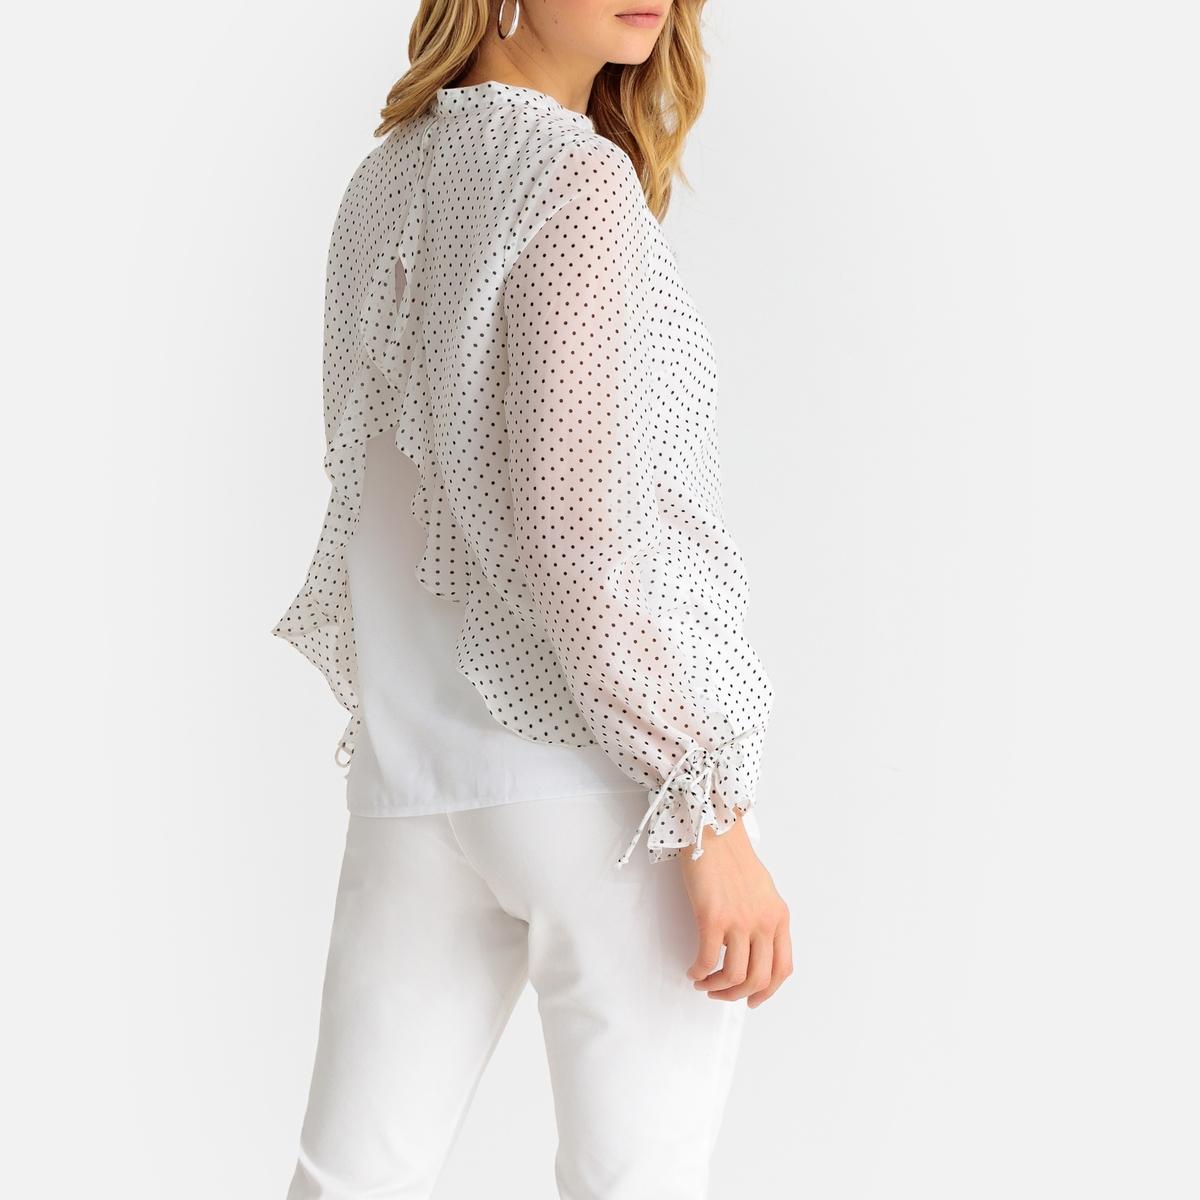 Блузка La Redoute С круглым вырезом с разрезом спереди рисунком в горошек и длинными рукавами 48 (FR) - 54 (RUS) белый цена